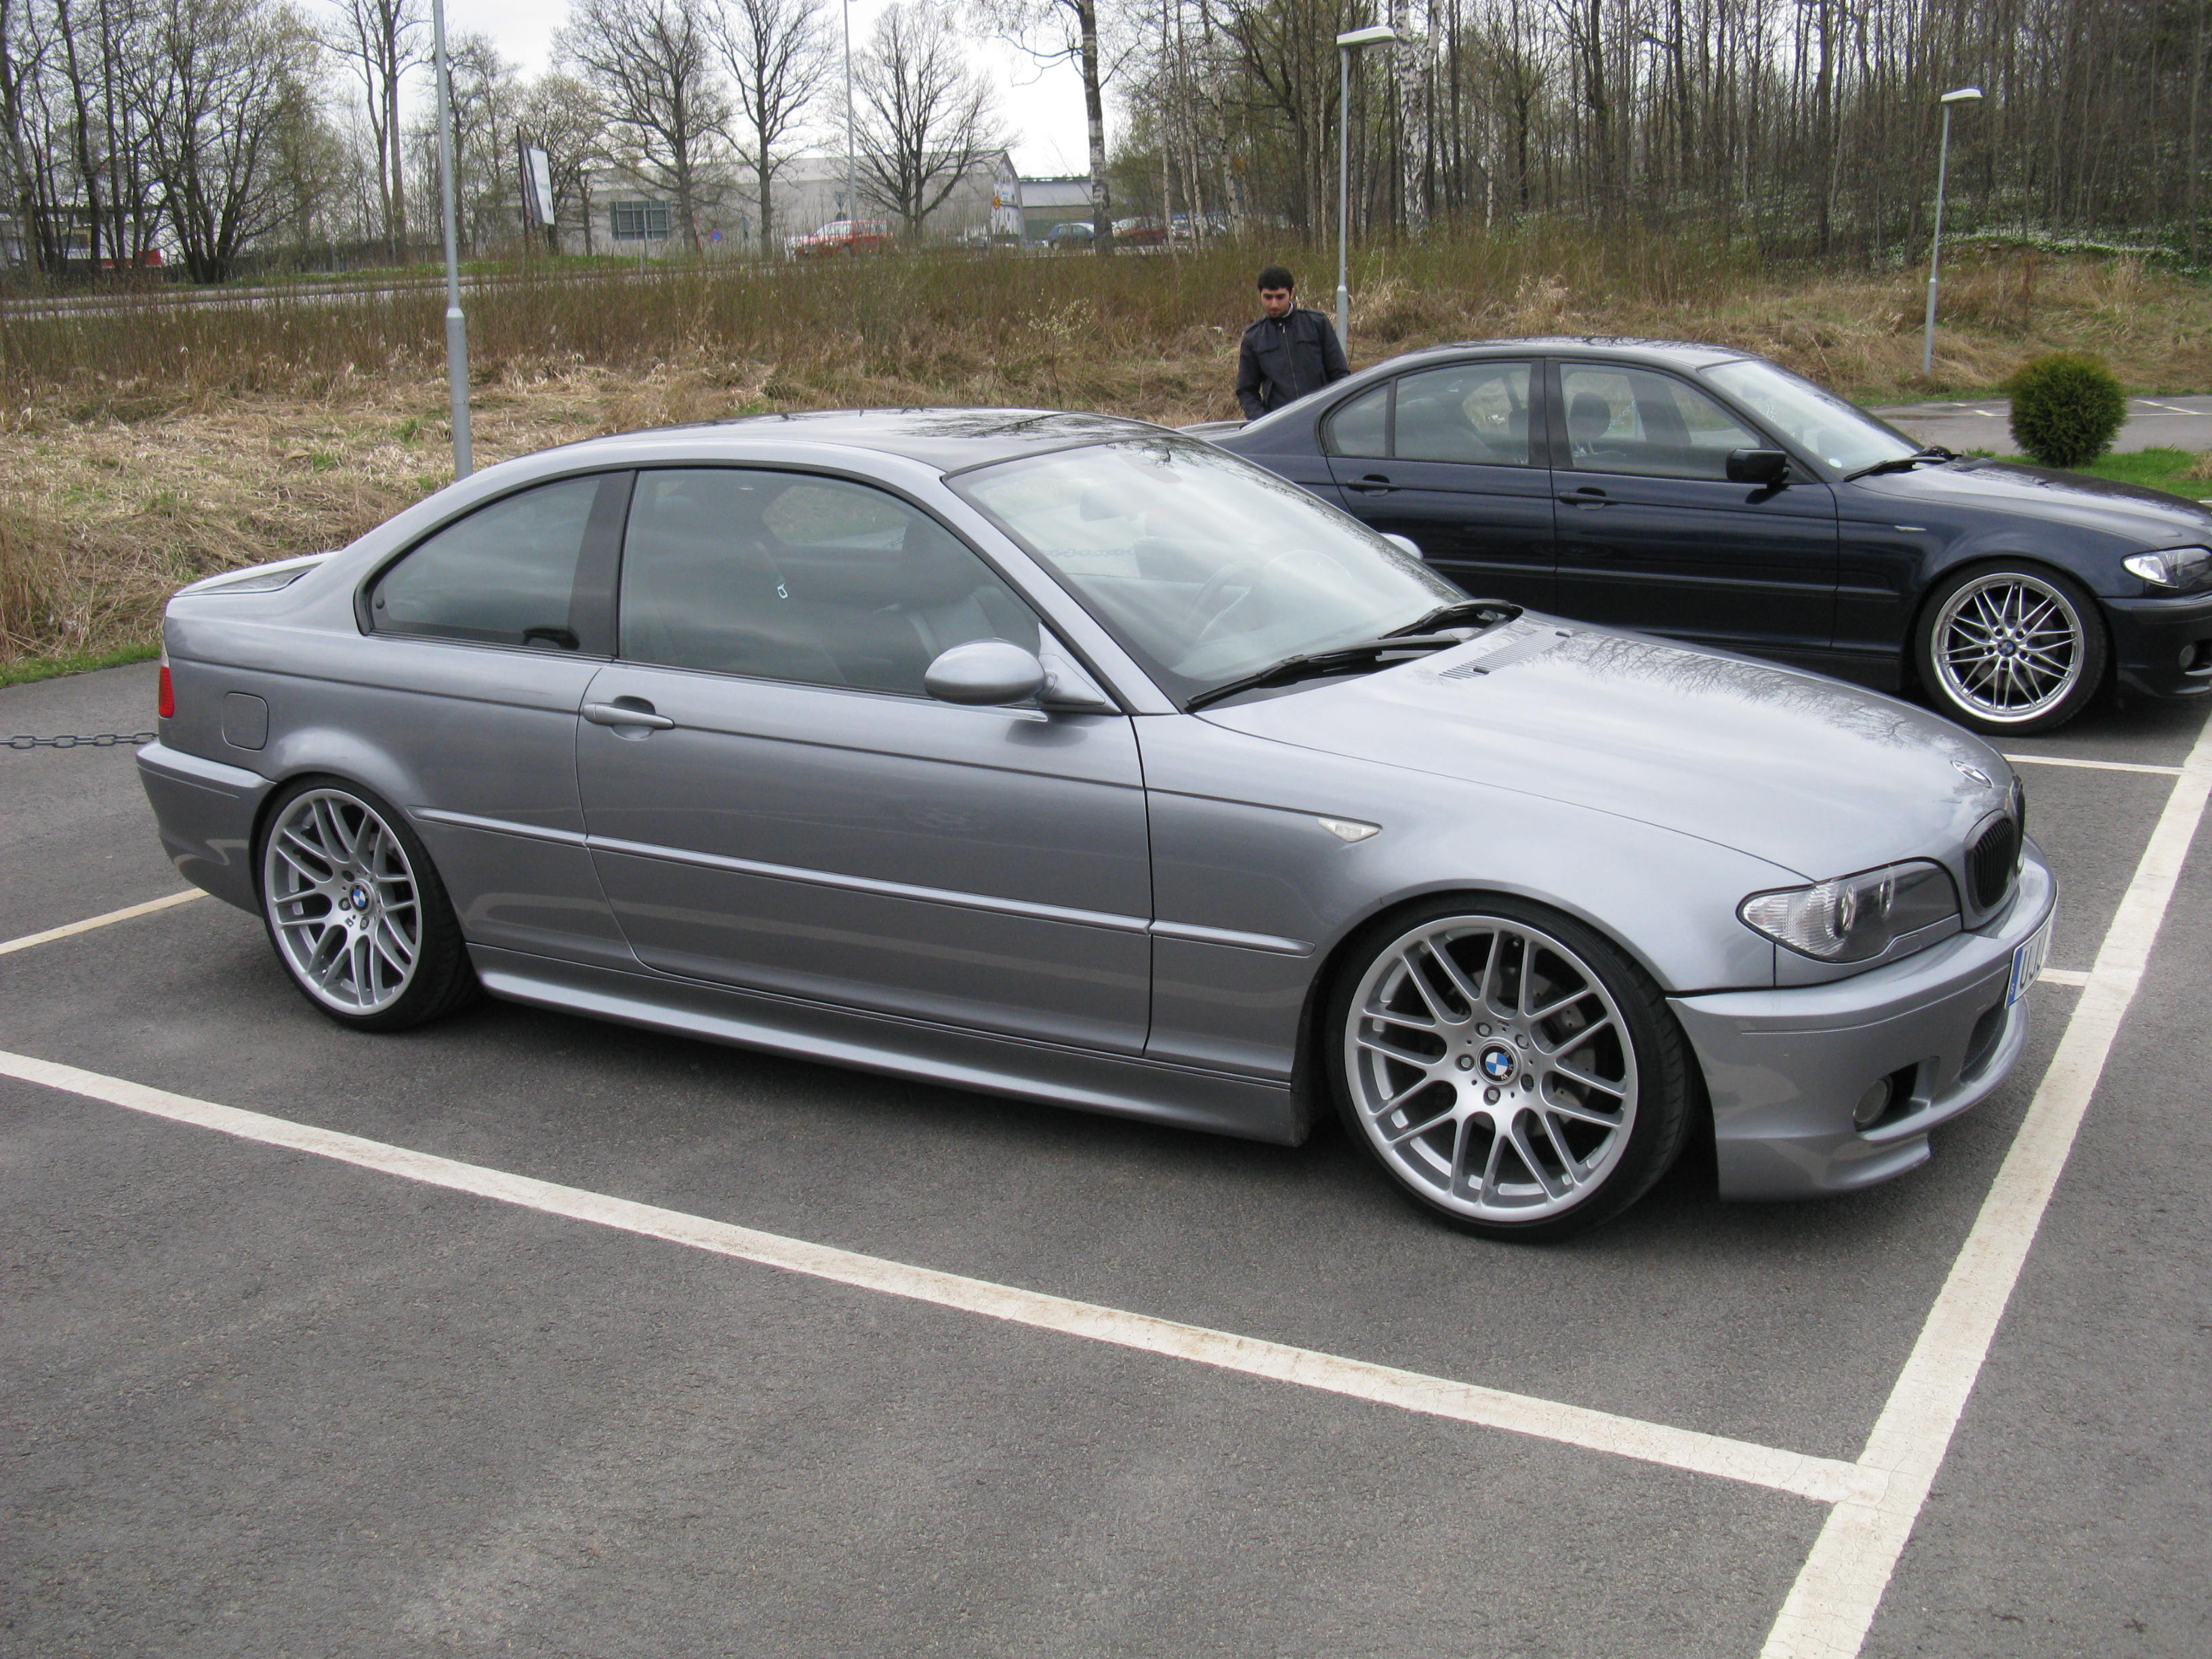 Bmw 640 Ci >> File:BMW 330 Ci (4568296143).jpg - Wikimedia Commons